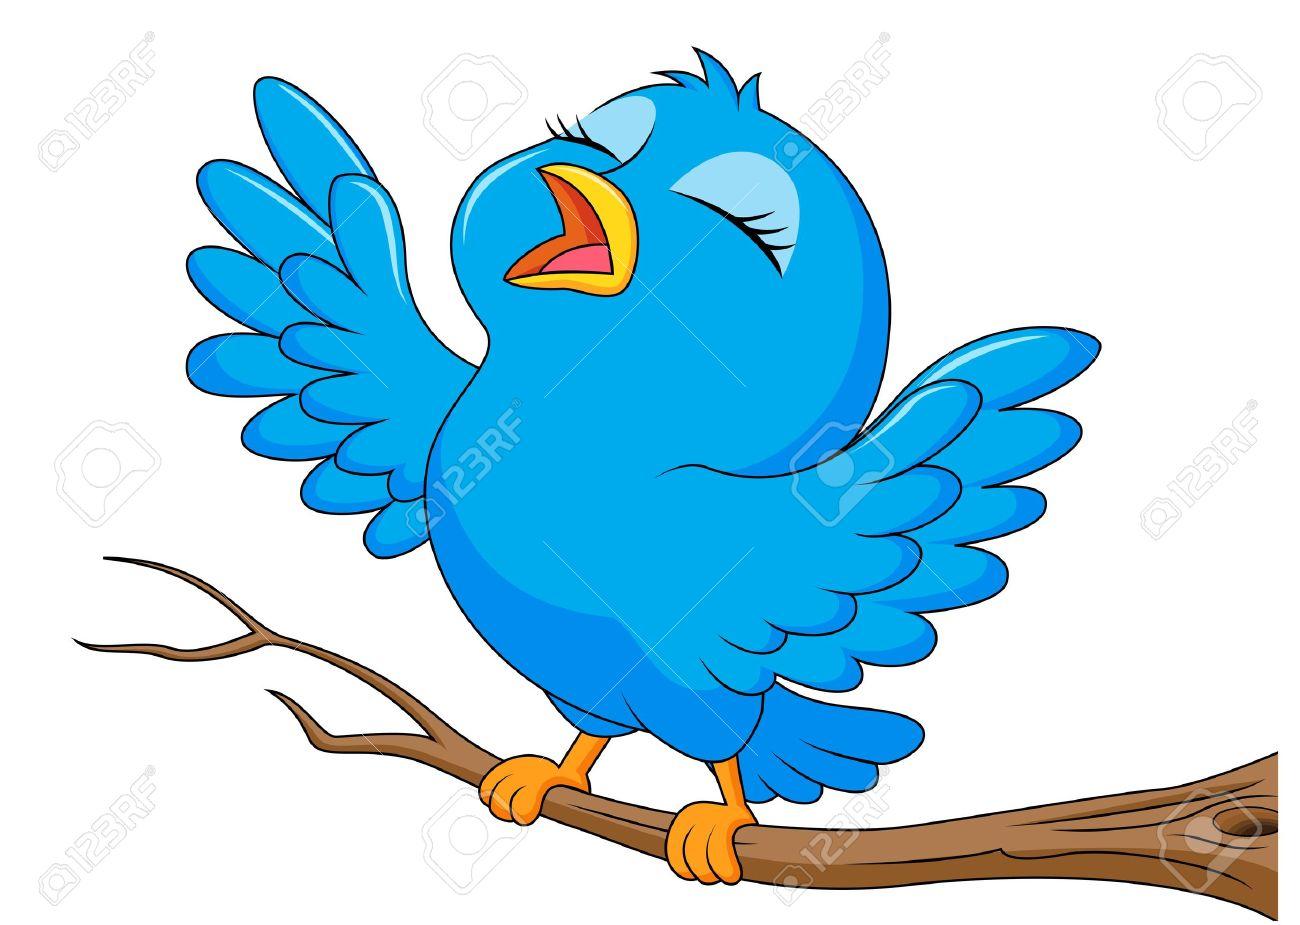 1300x925 Bluebird Clipart Birds Chirping